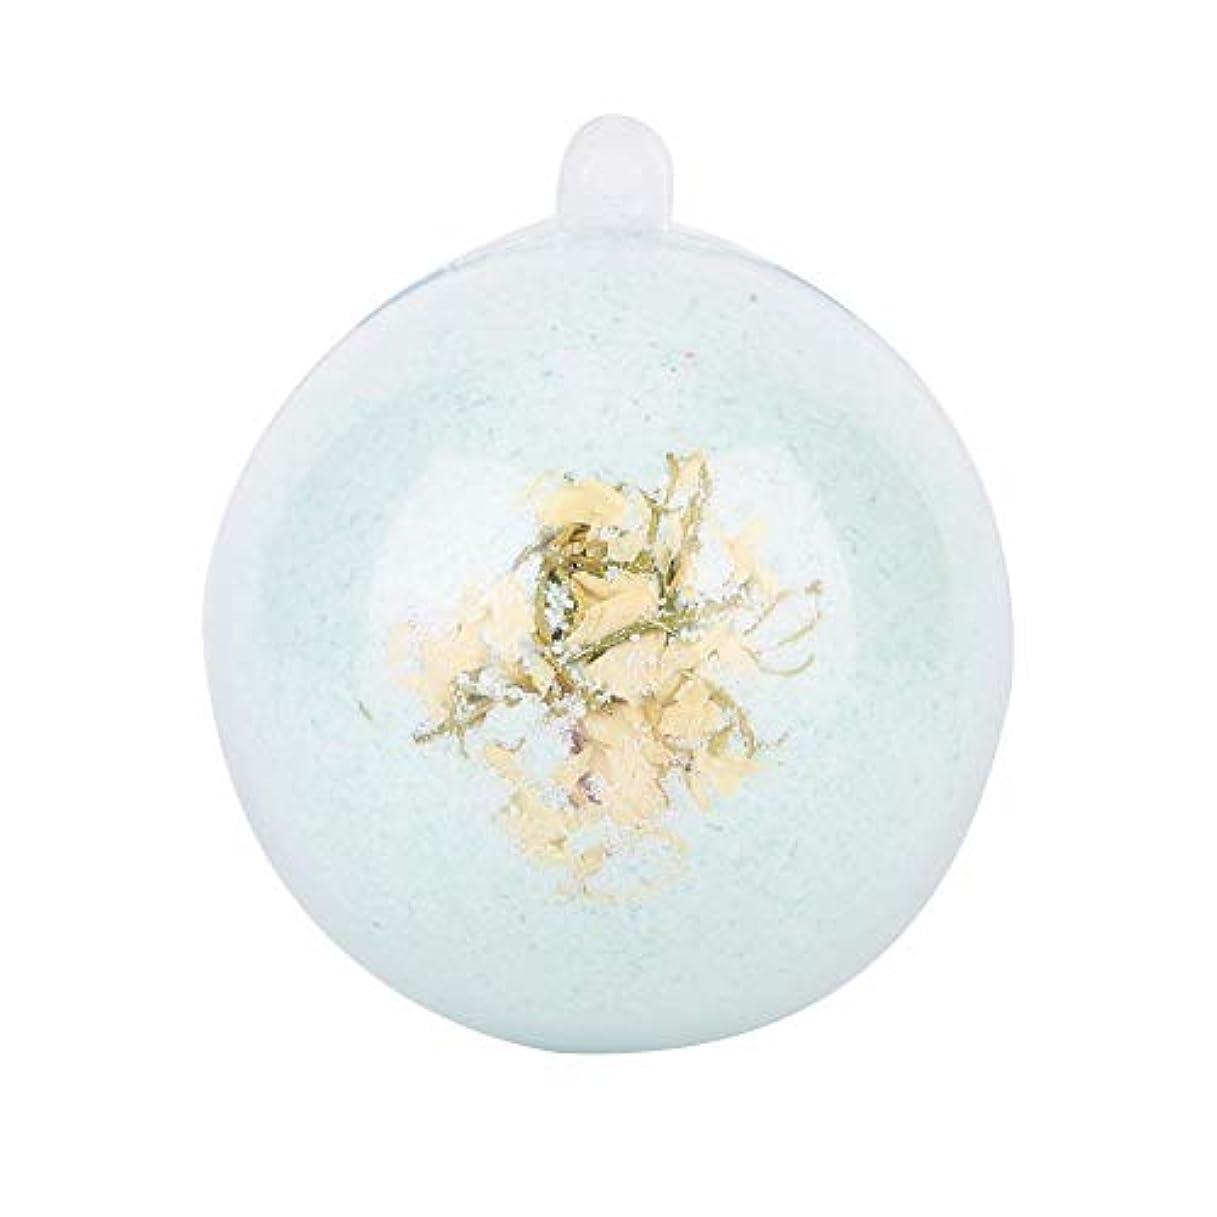 童謡幻滅天才dootiバスボム 6個セット 爆弾バスボール 入浴剤 プレゼント用 香り 入浴 風呂 お湯 優しい